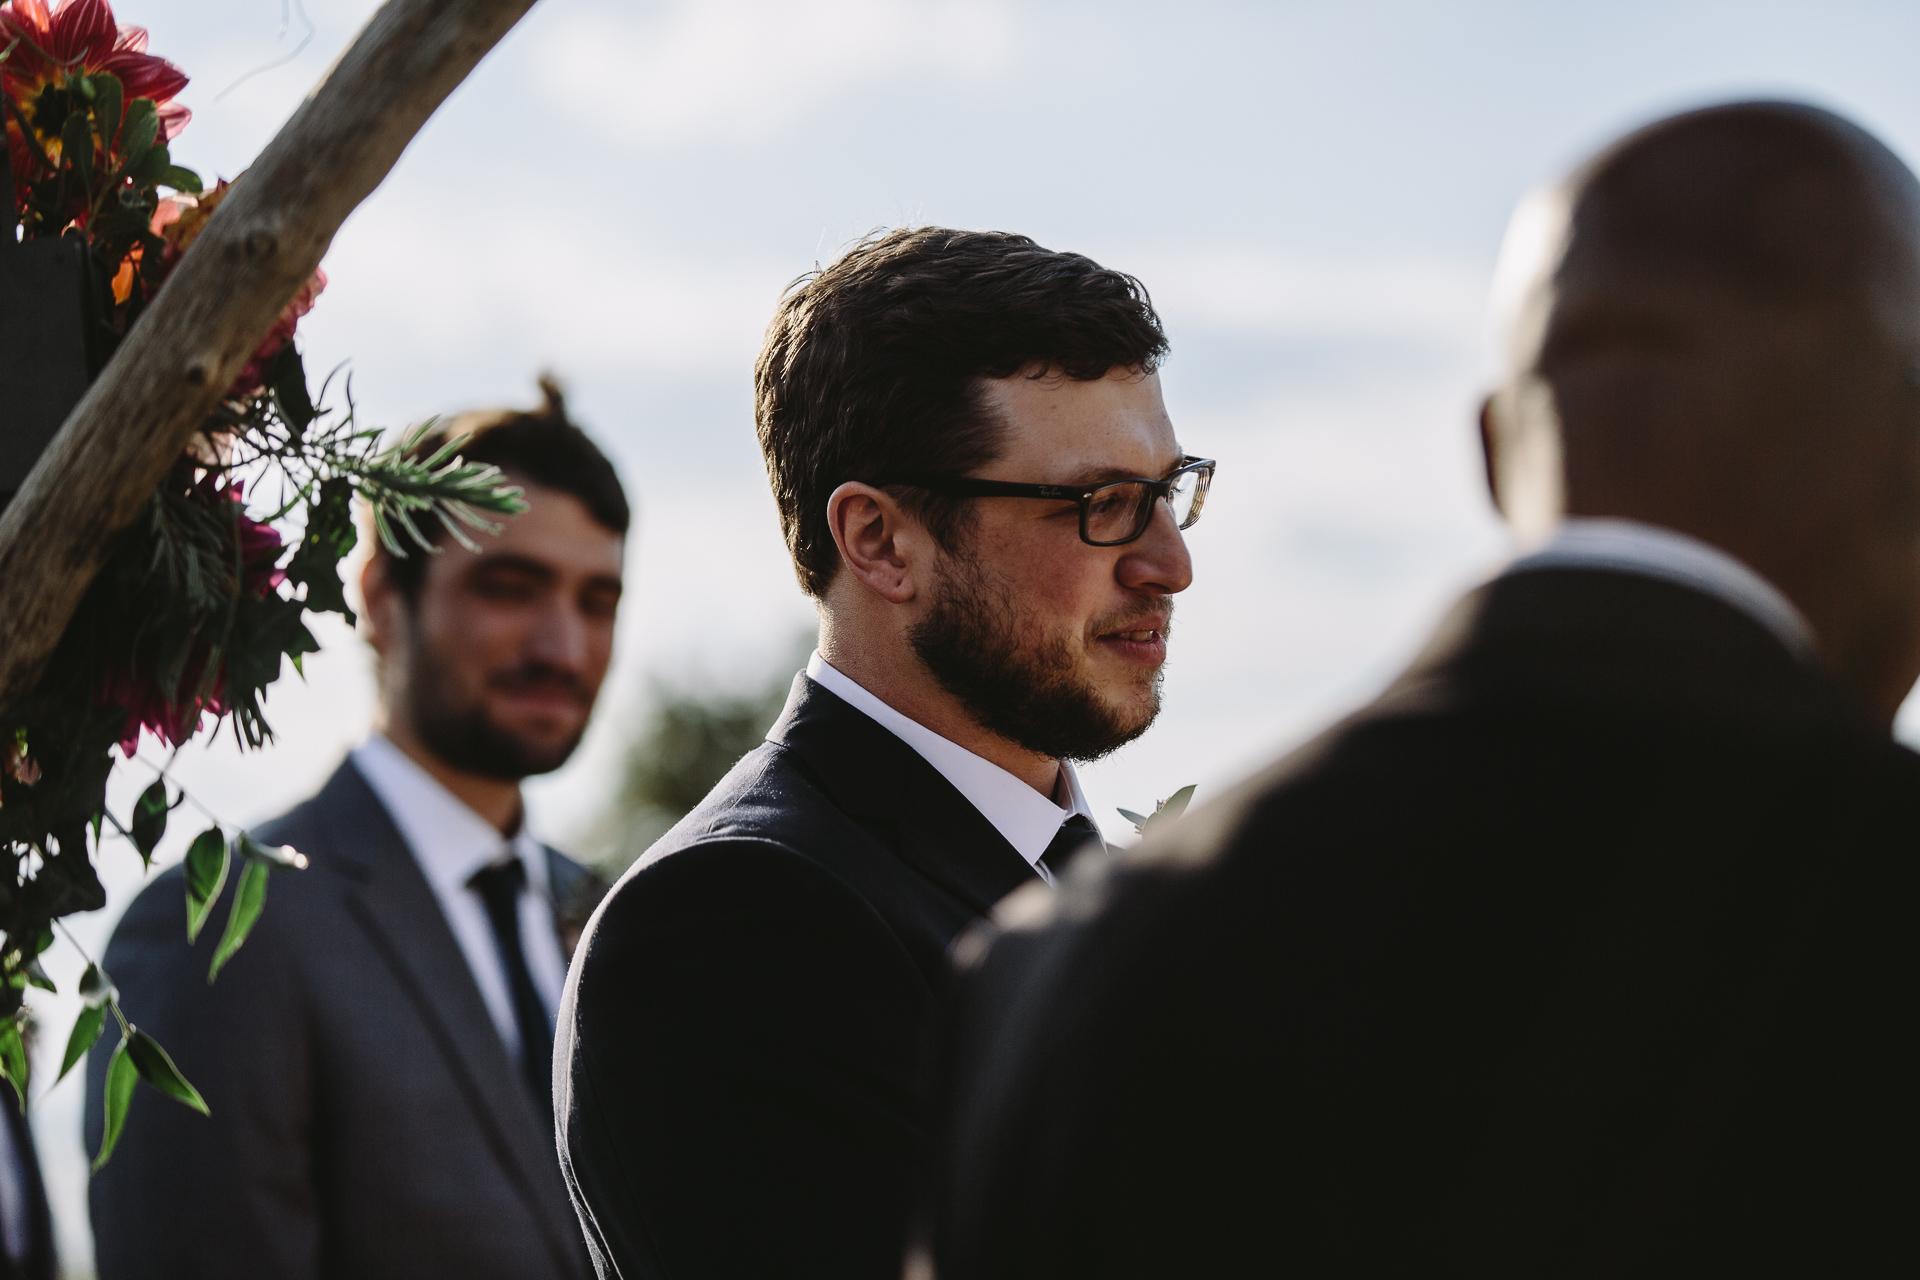 jess-hunter-tilghman-island-wedding-photographer-7668.jpg